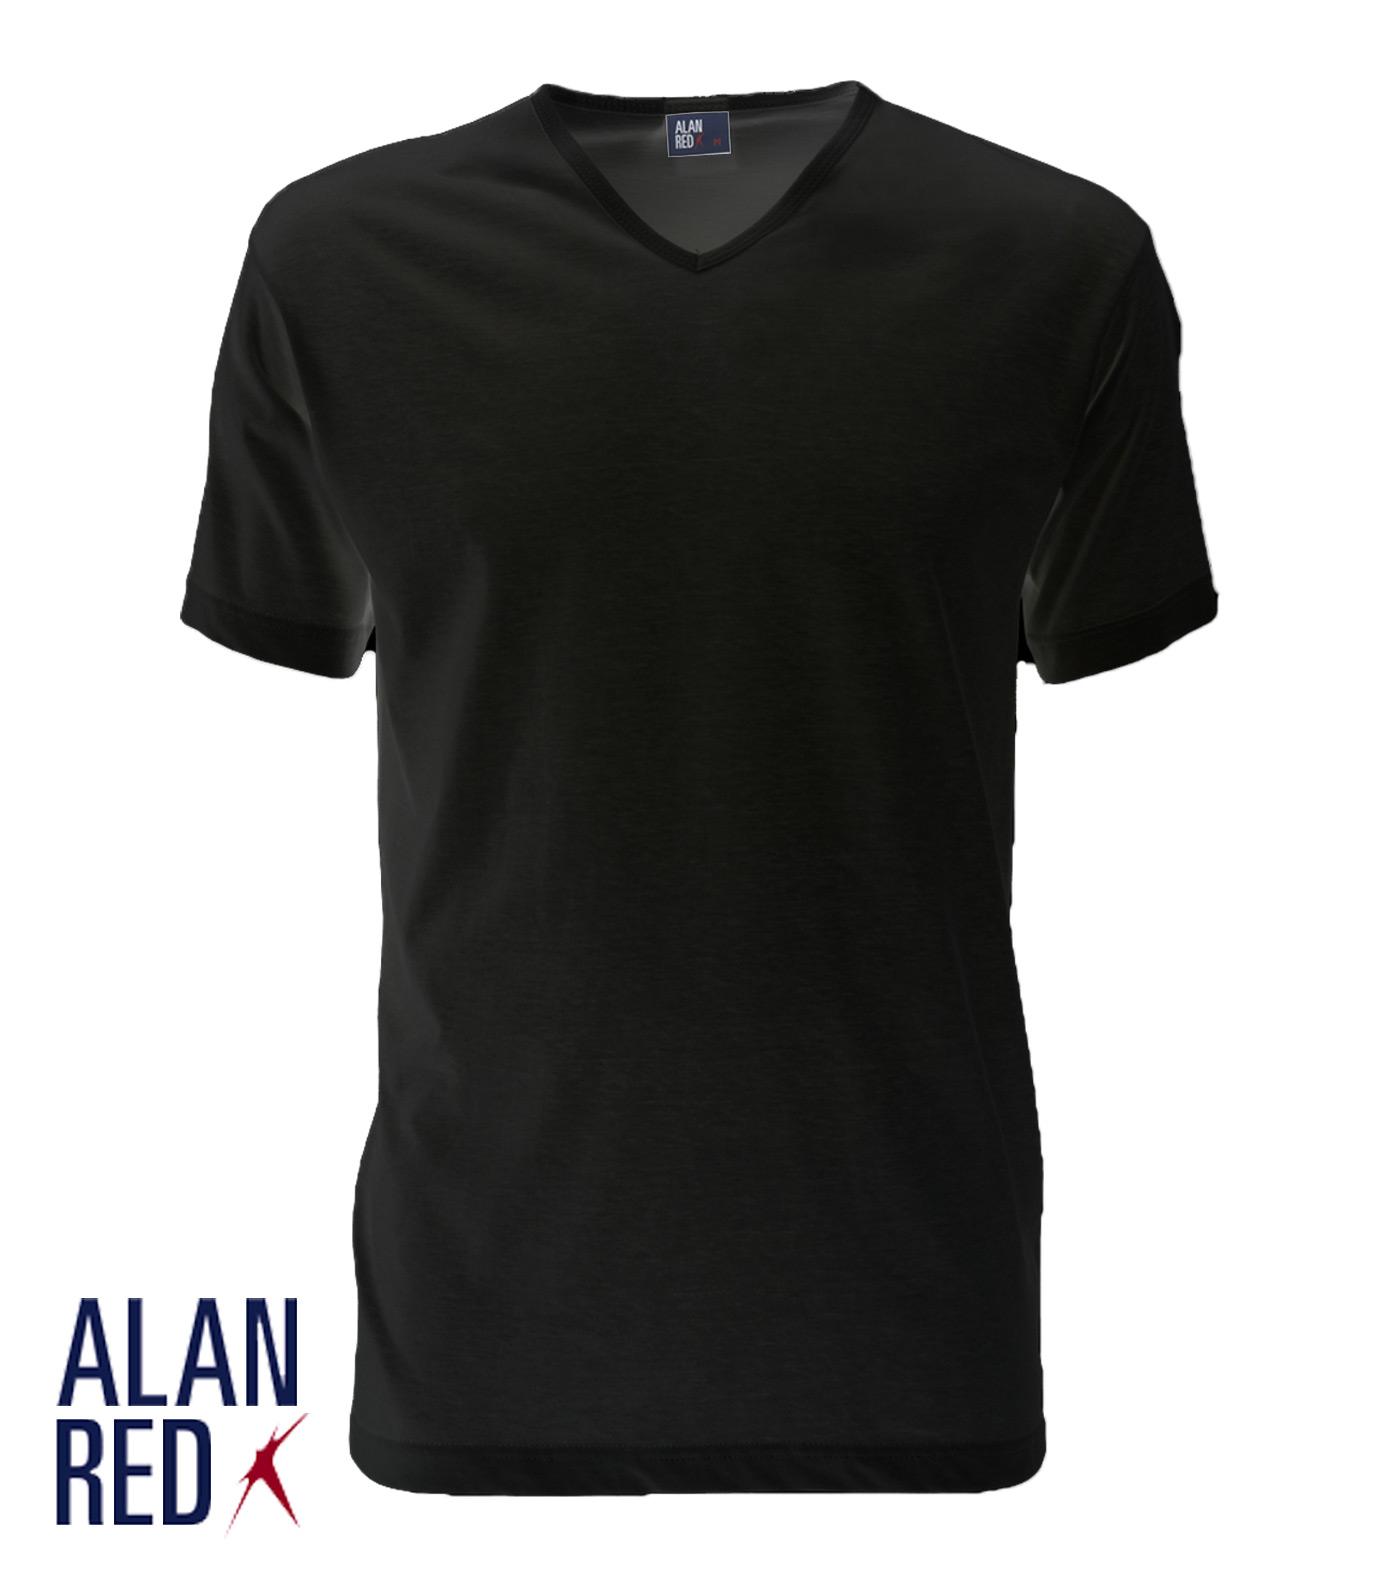 Alan Red T-shirt VERMONT 1-PACK VERMONT 1-PACK zwart Maat S